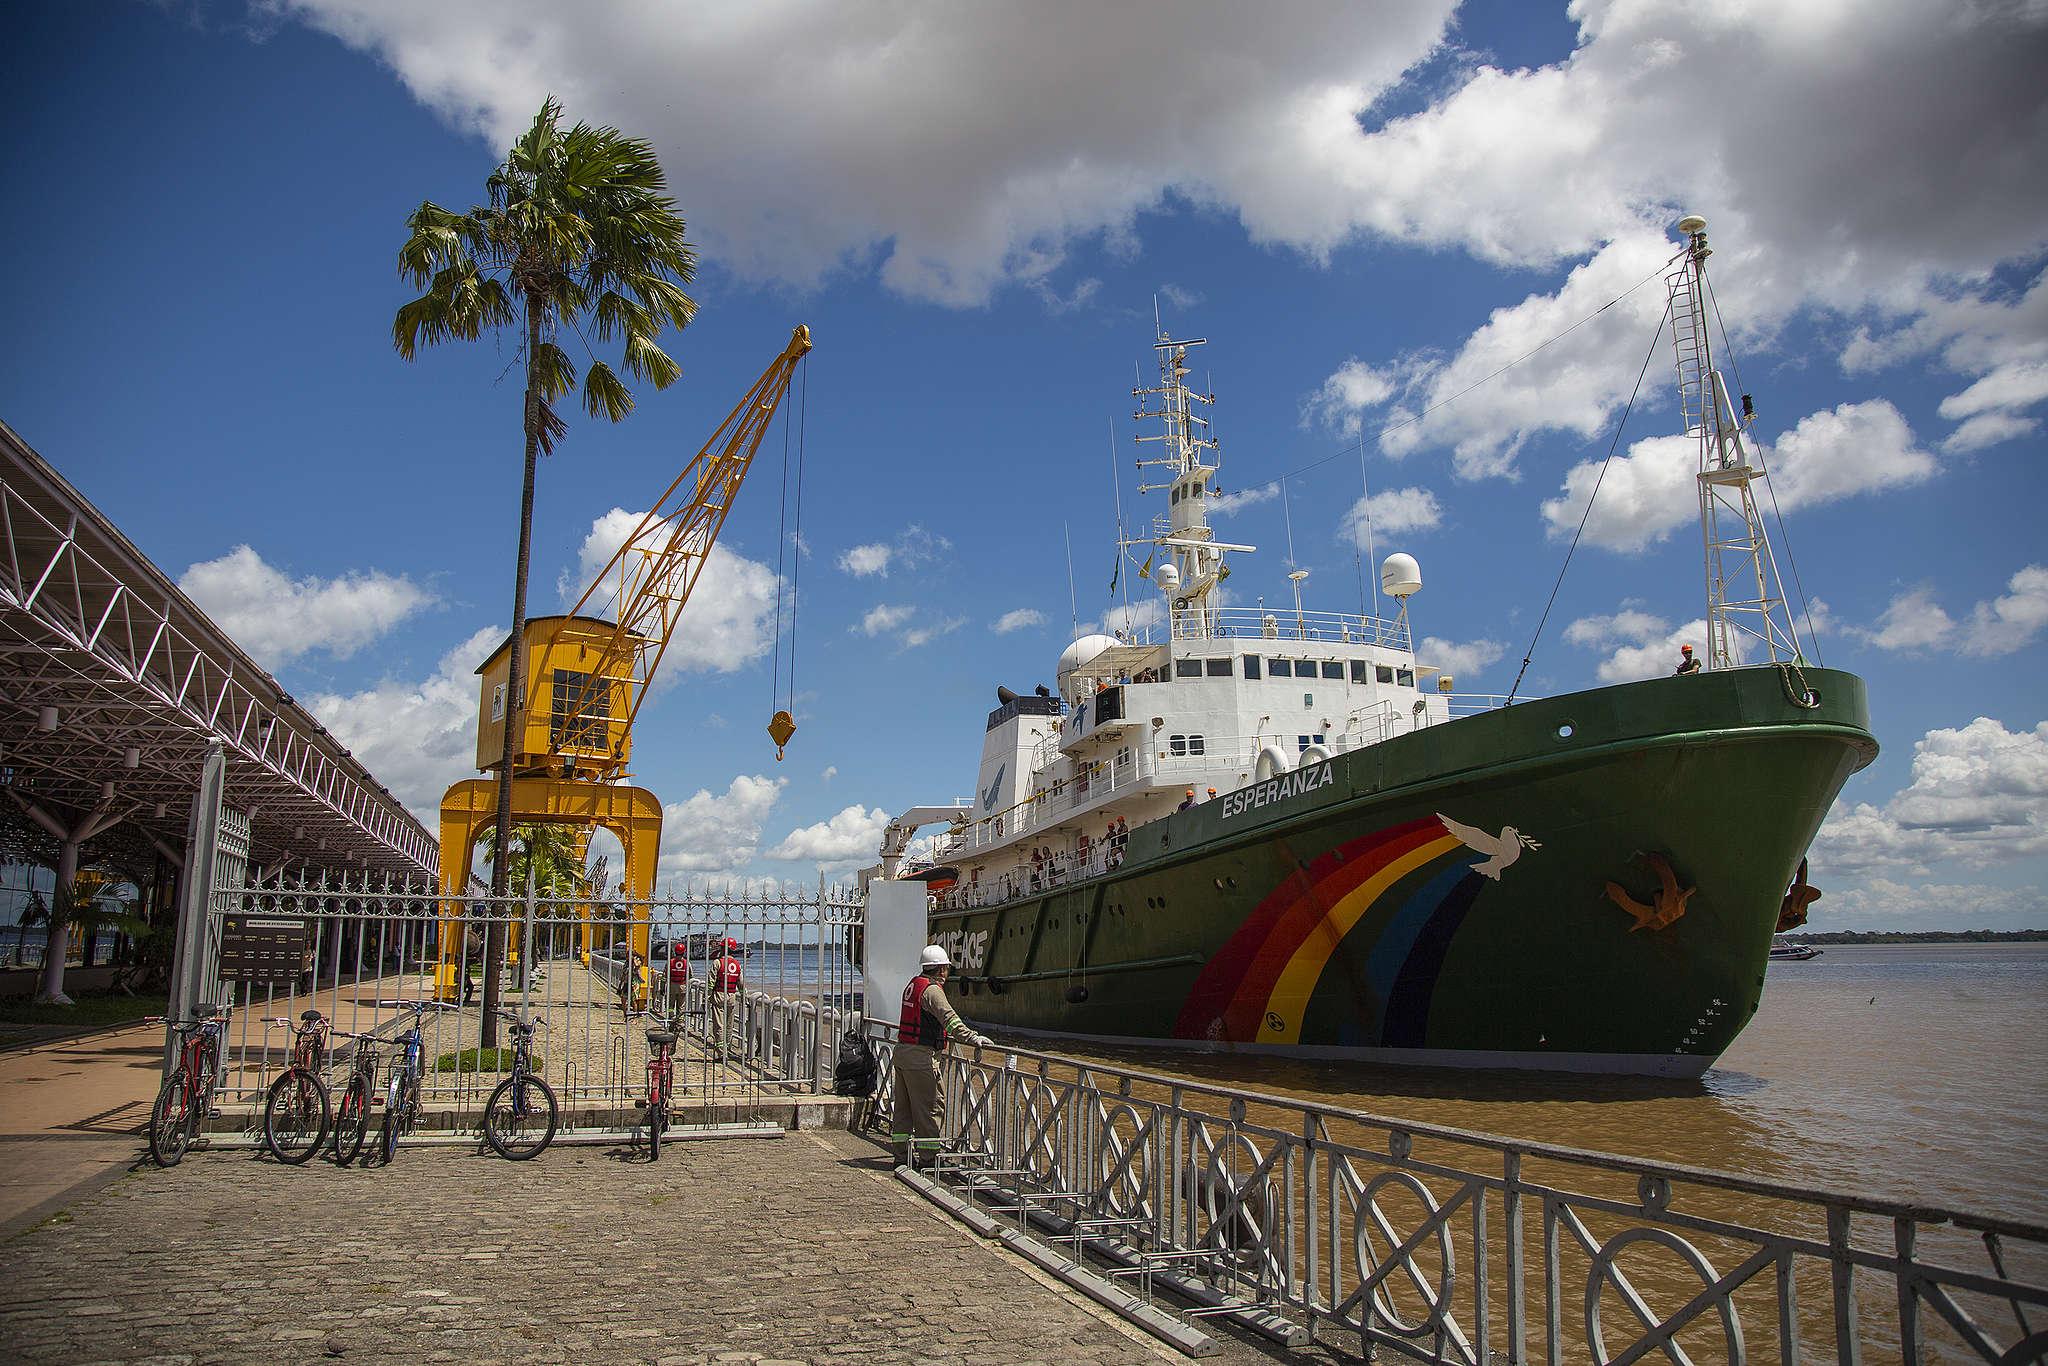 Esperanza no porto de Belém